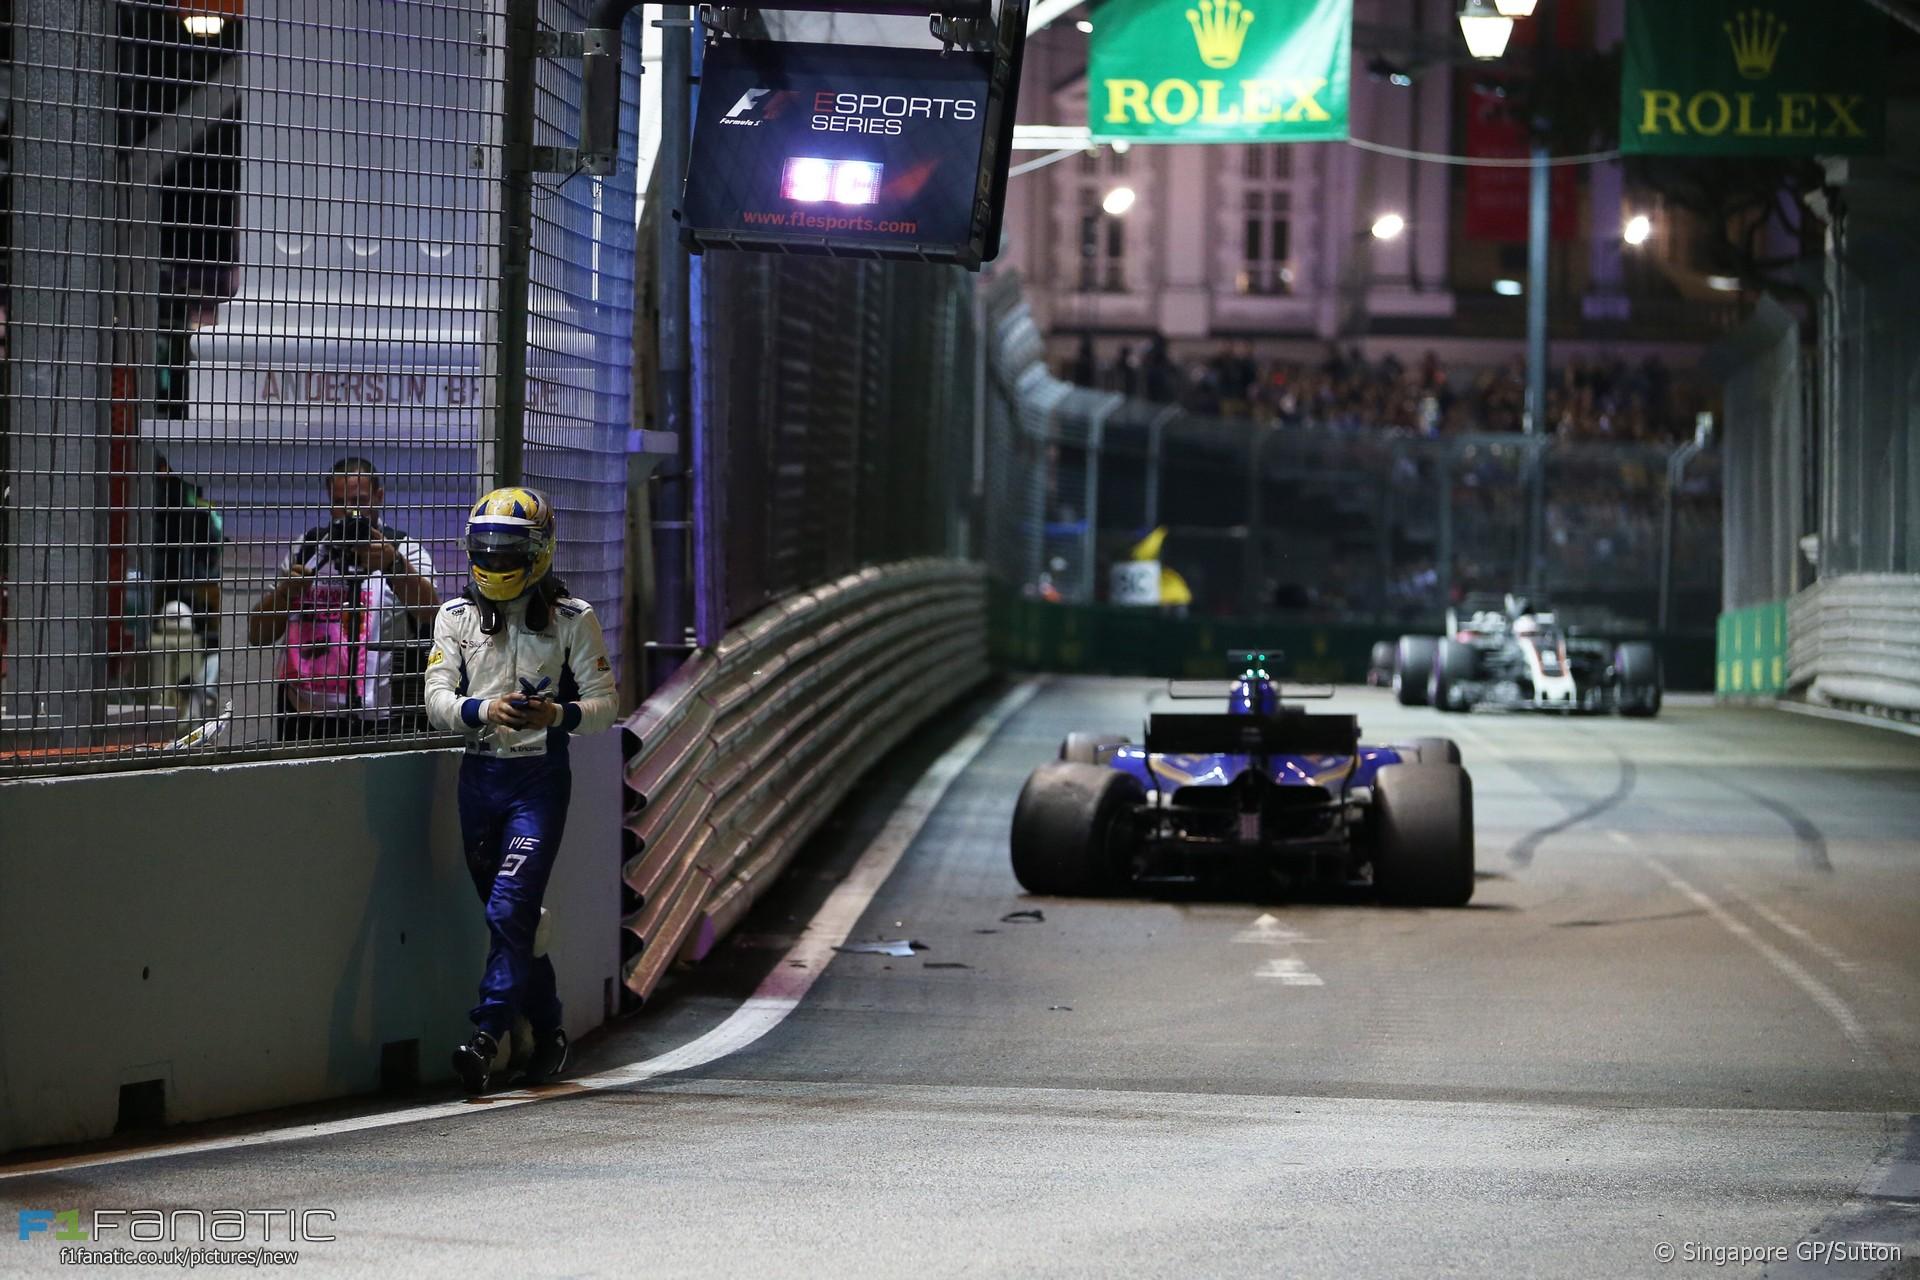 https://www.racefans.net/wp-content/uploads/2017/09/dcd1717se746.jpg